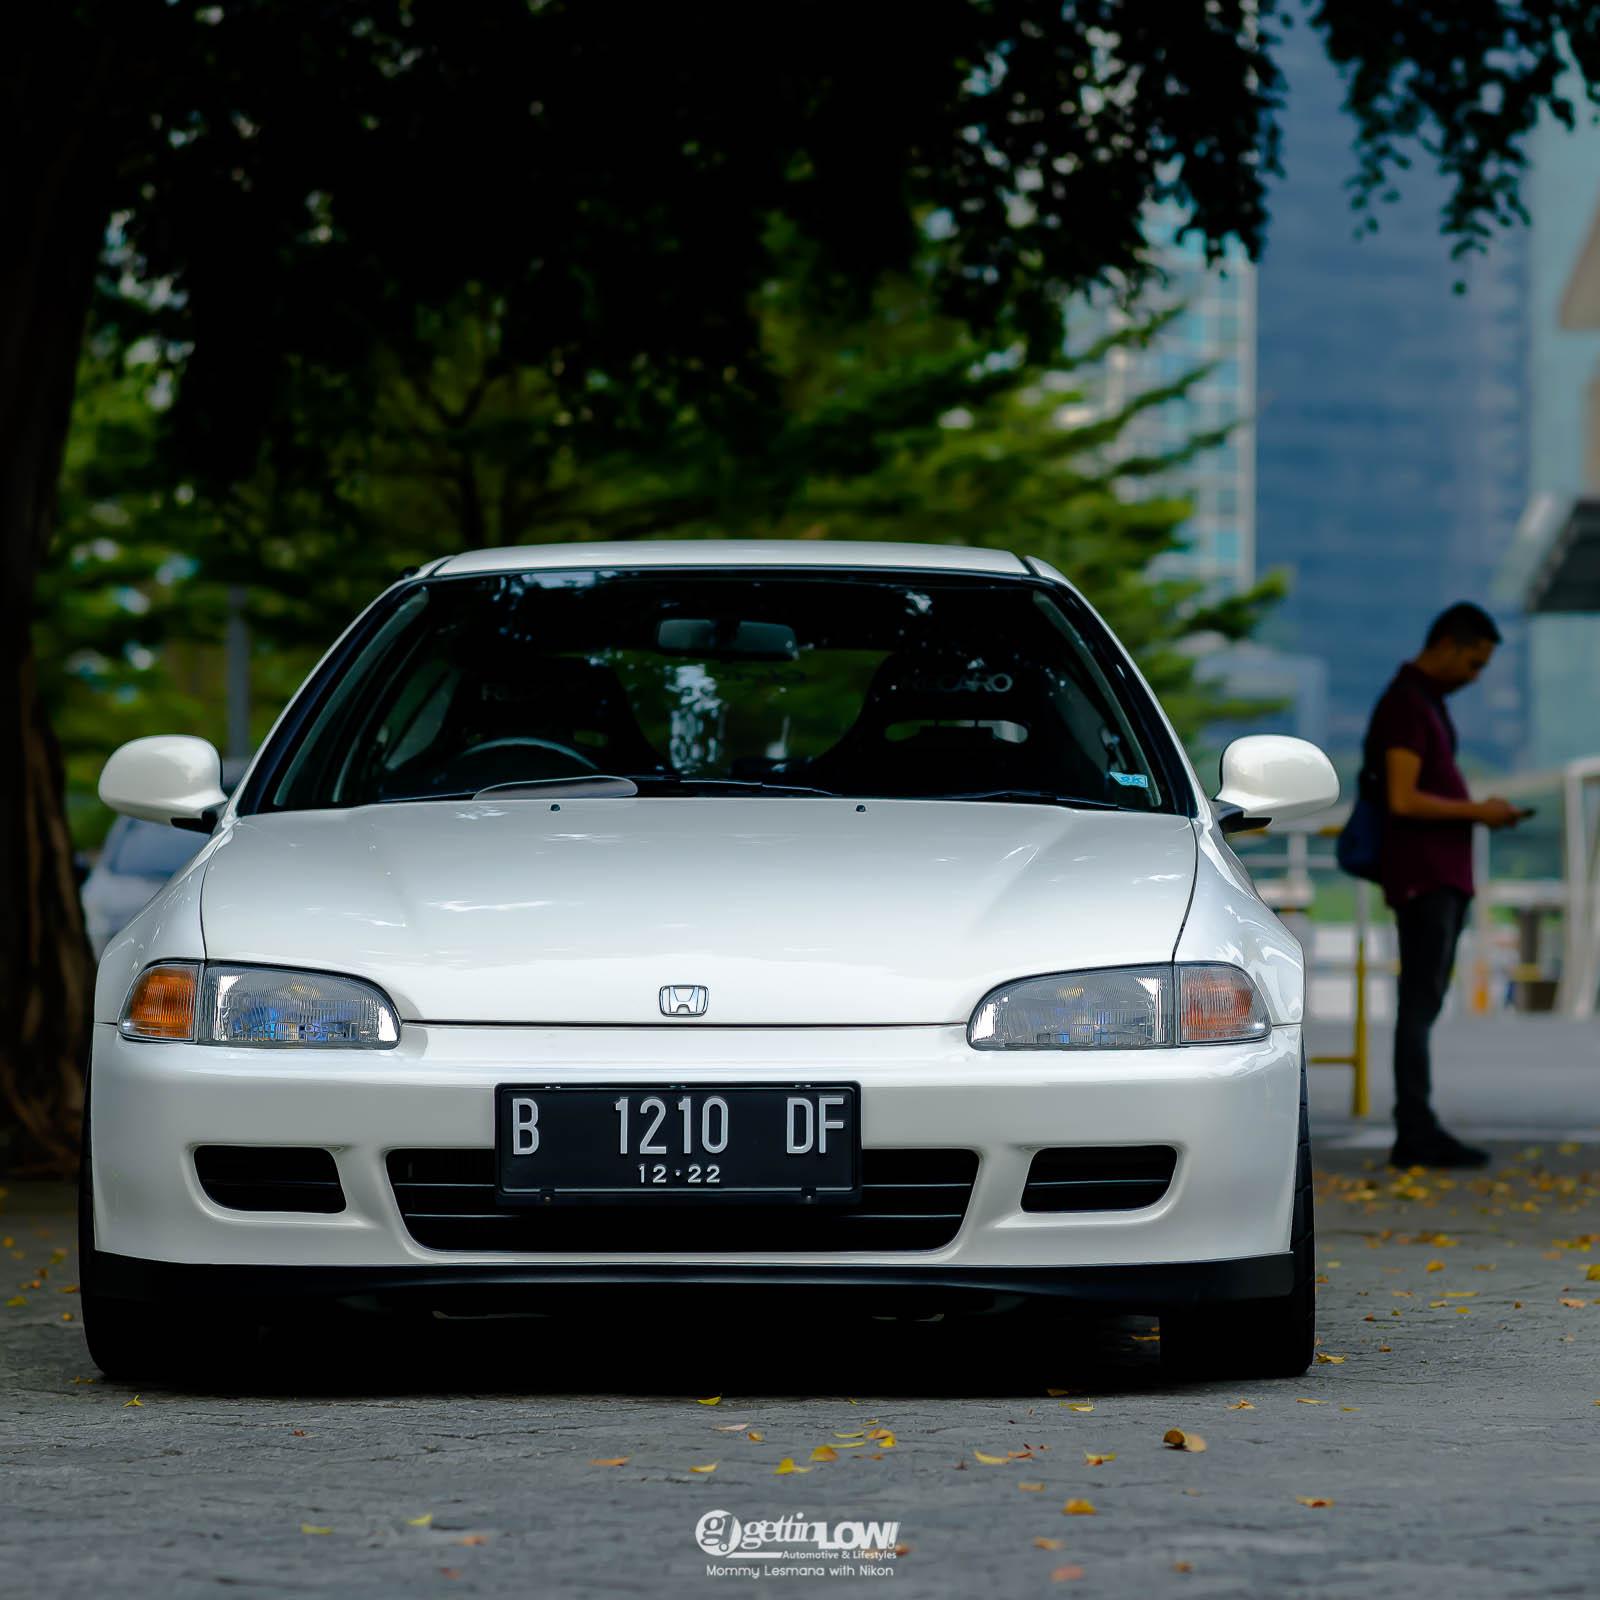 Rio Christian Honda Civic Estilo